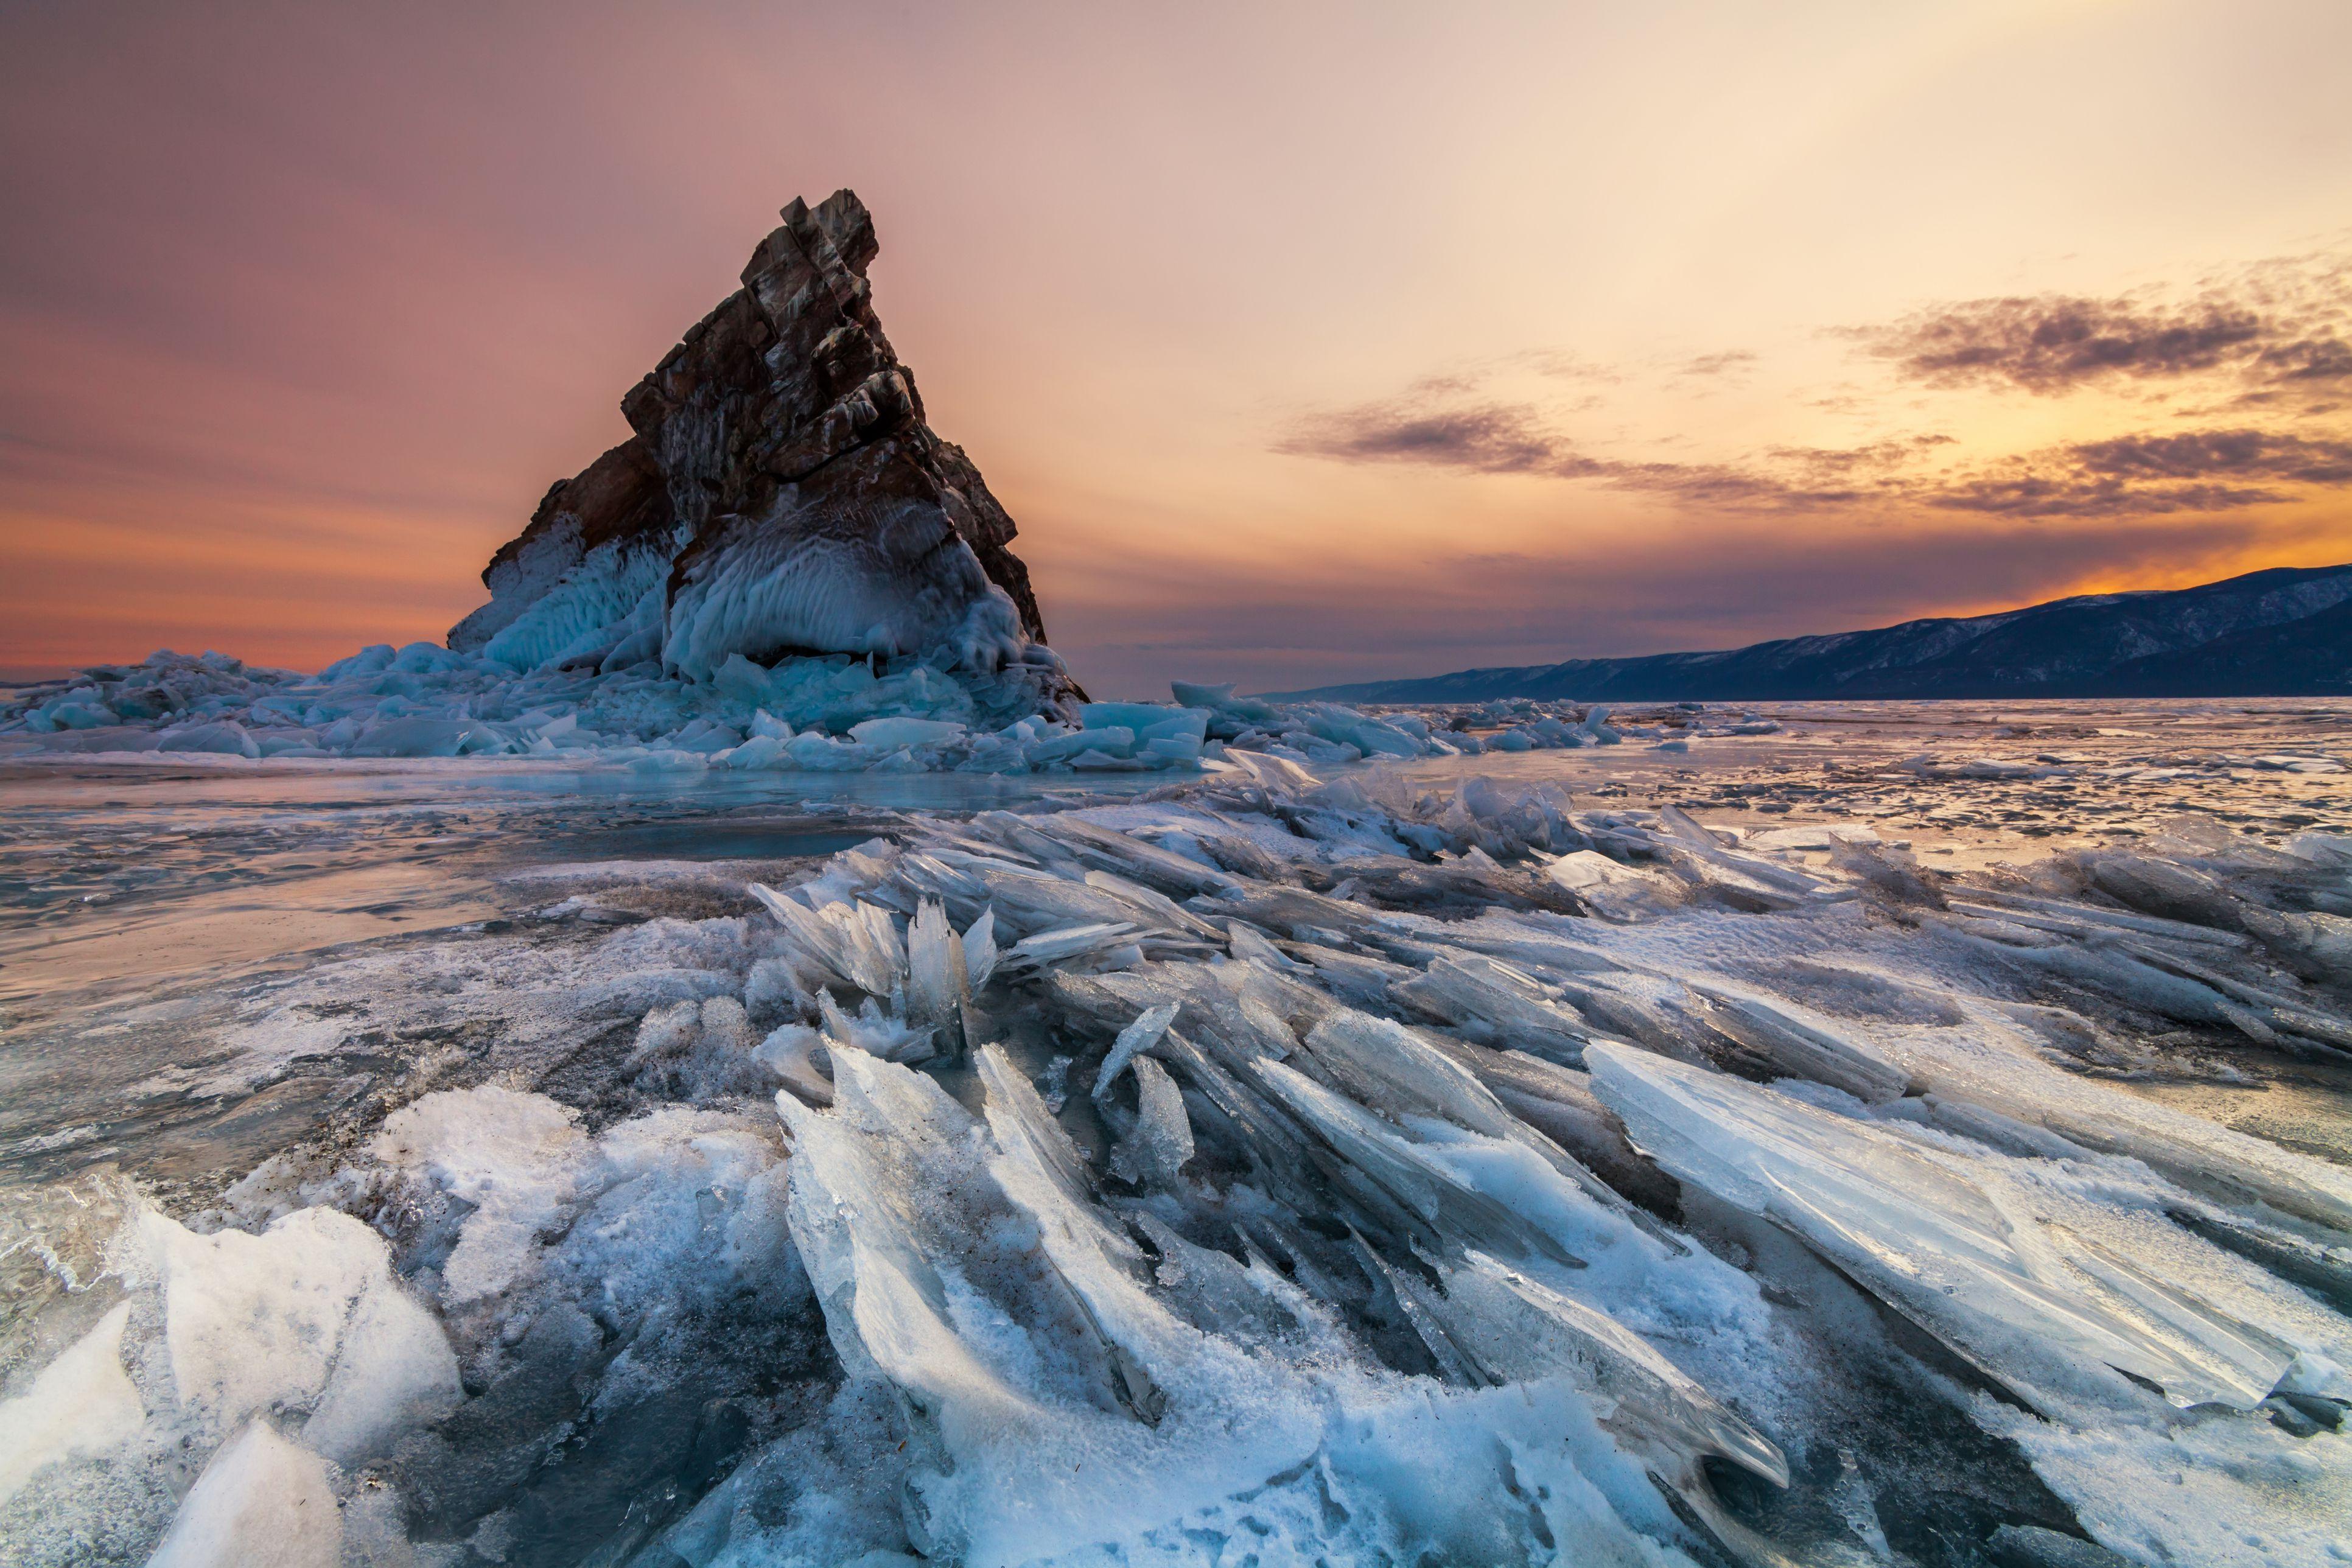 Elenka Island at sunset, Lake Baikal